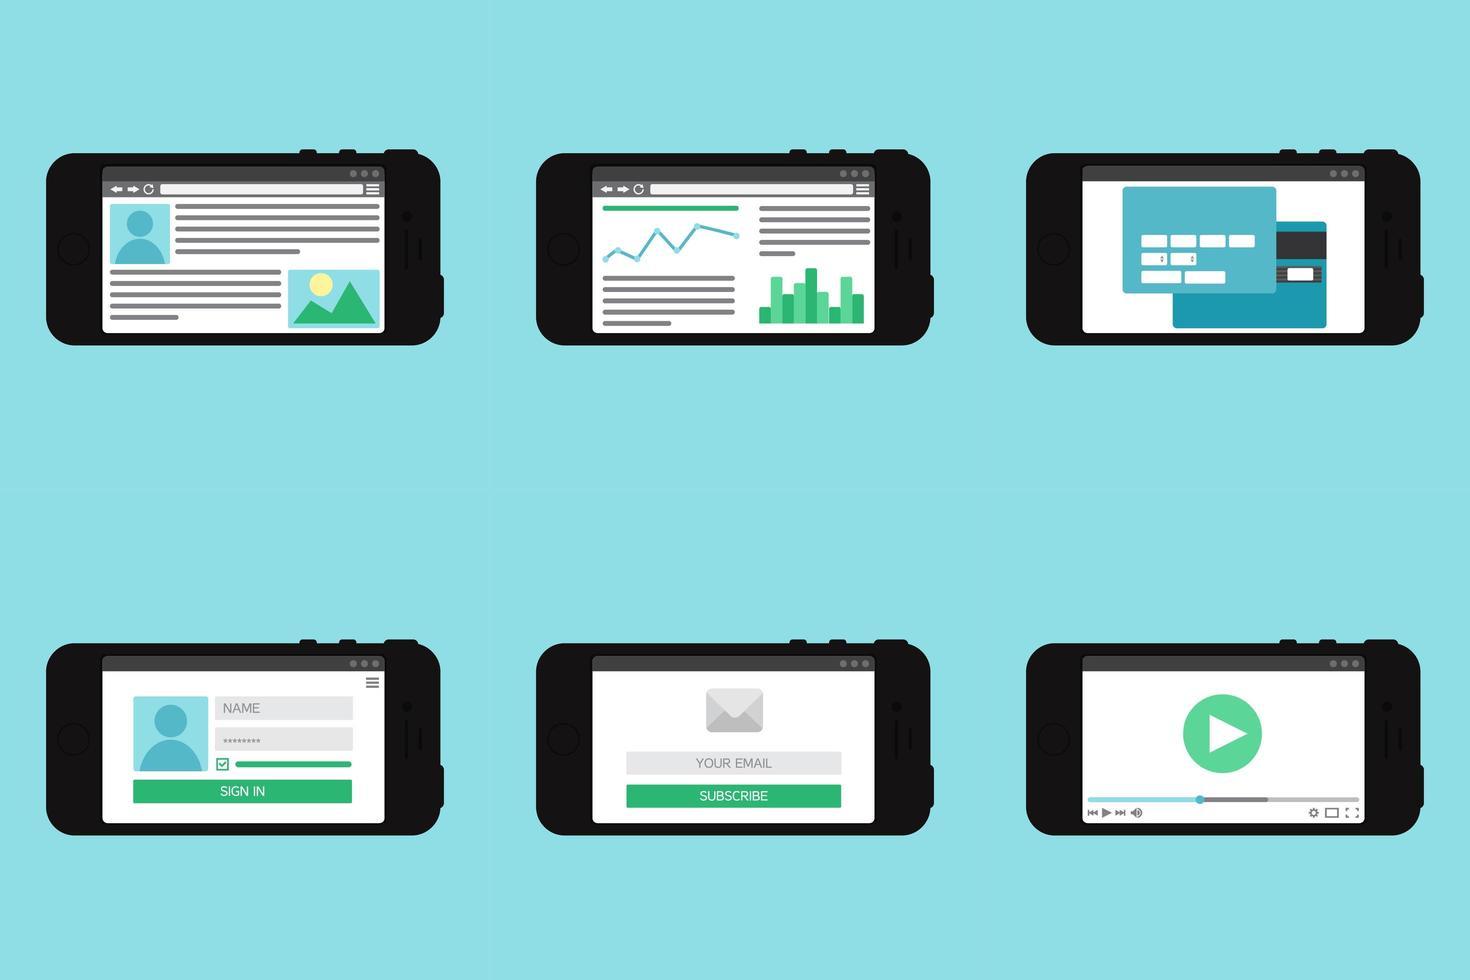 formulario de plantilla web en smartphone vector